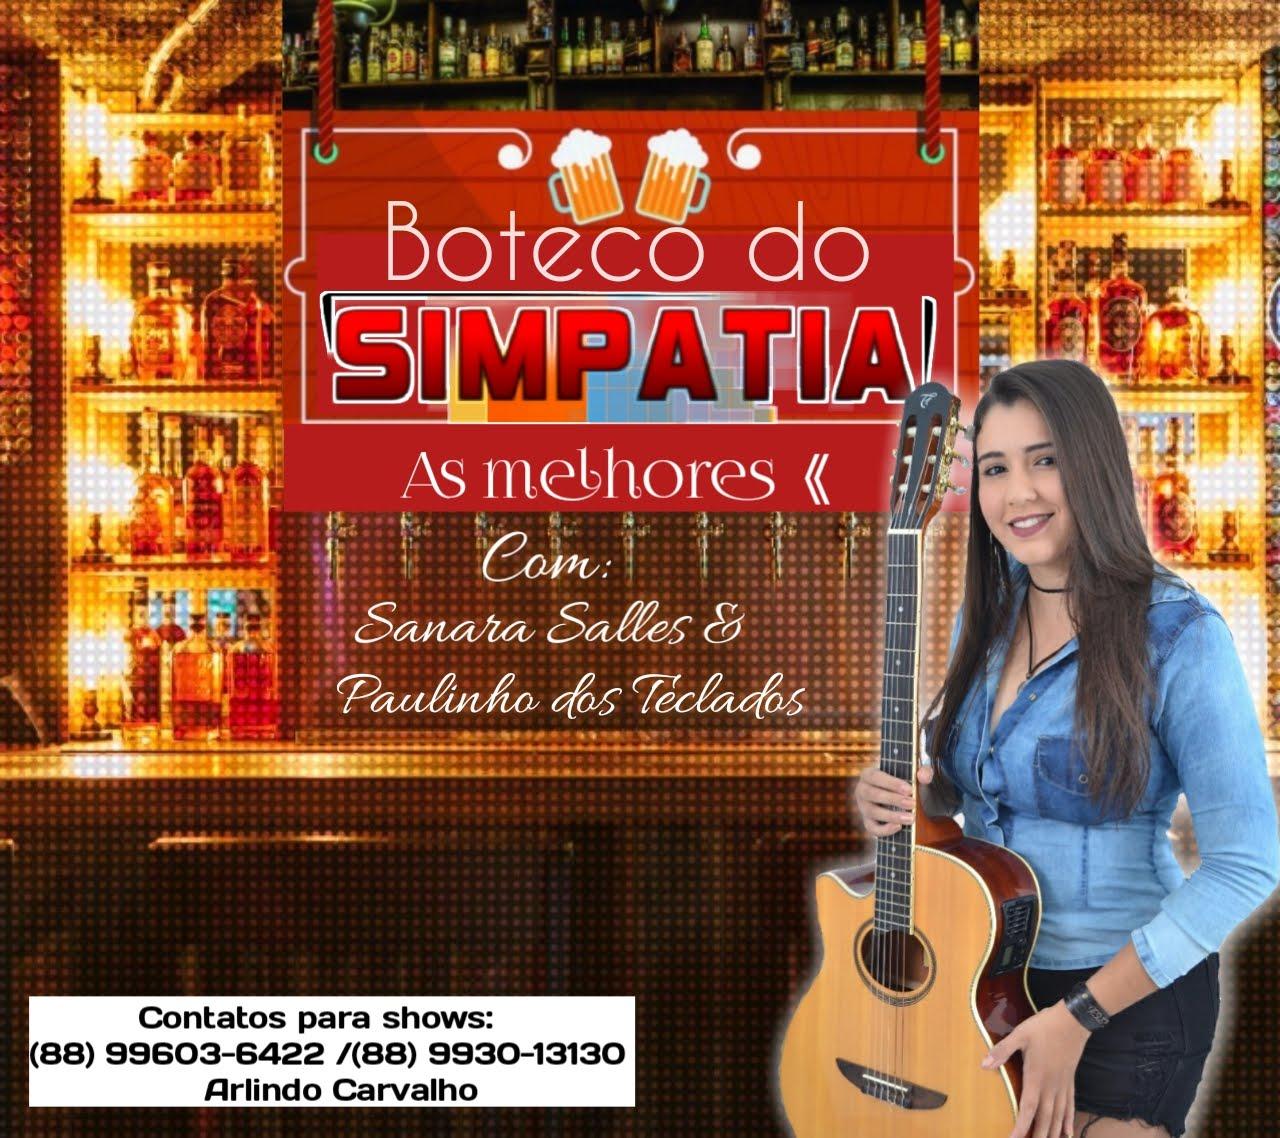 BOTECO DO SIMPATIA